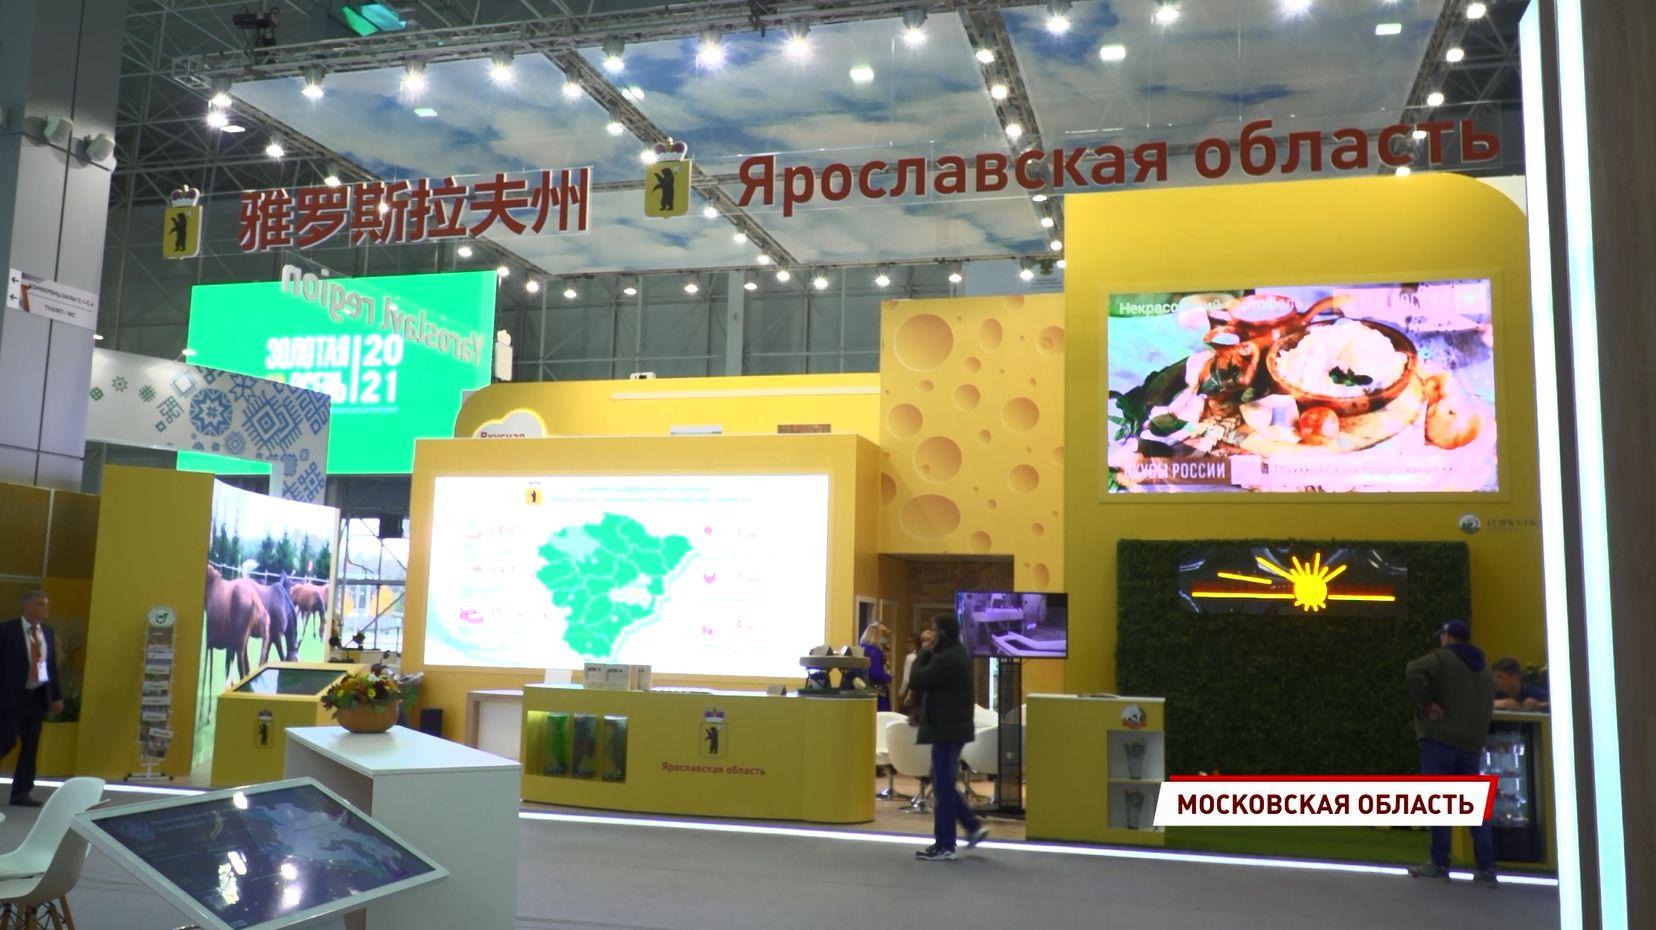 Ярославская область широко представила свою продукцию на XXVIII Всероссийской агропромышленной ярмарке в Подмосковной Кубинке